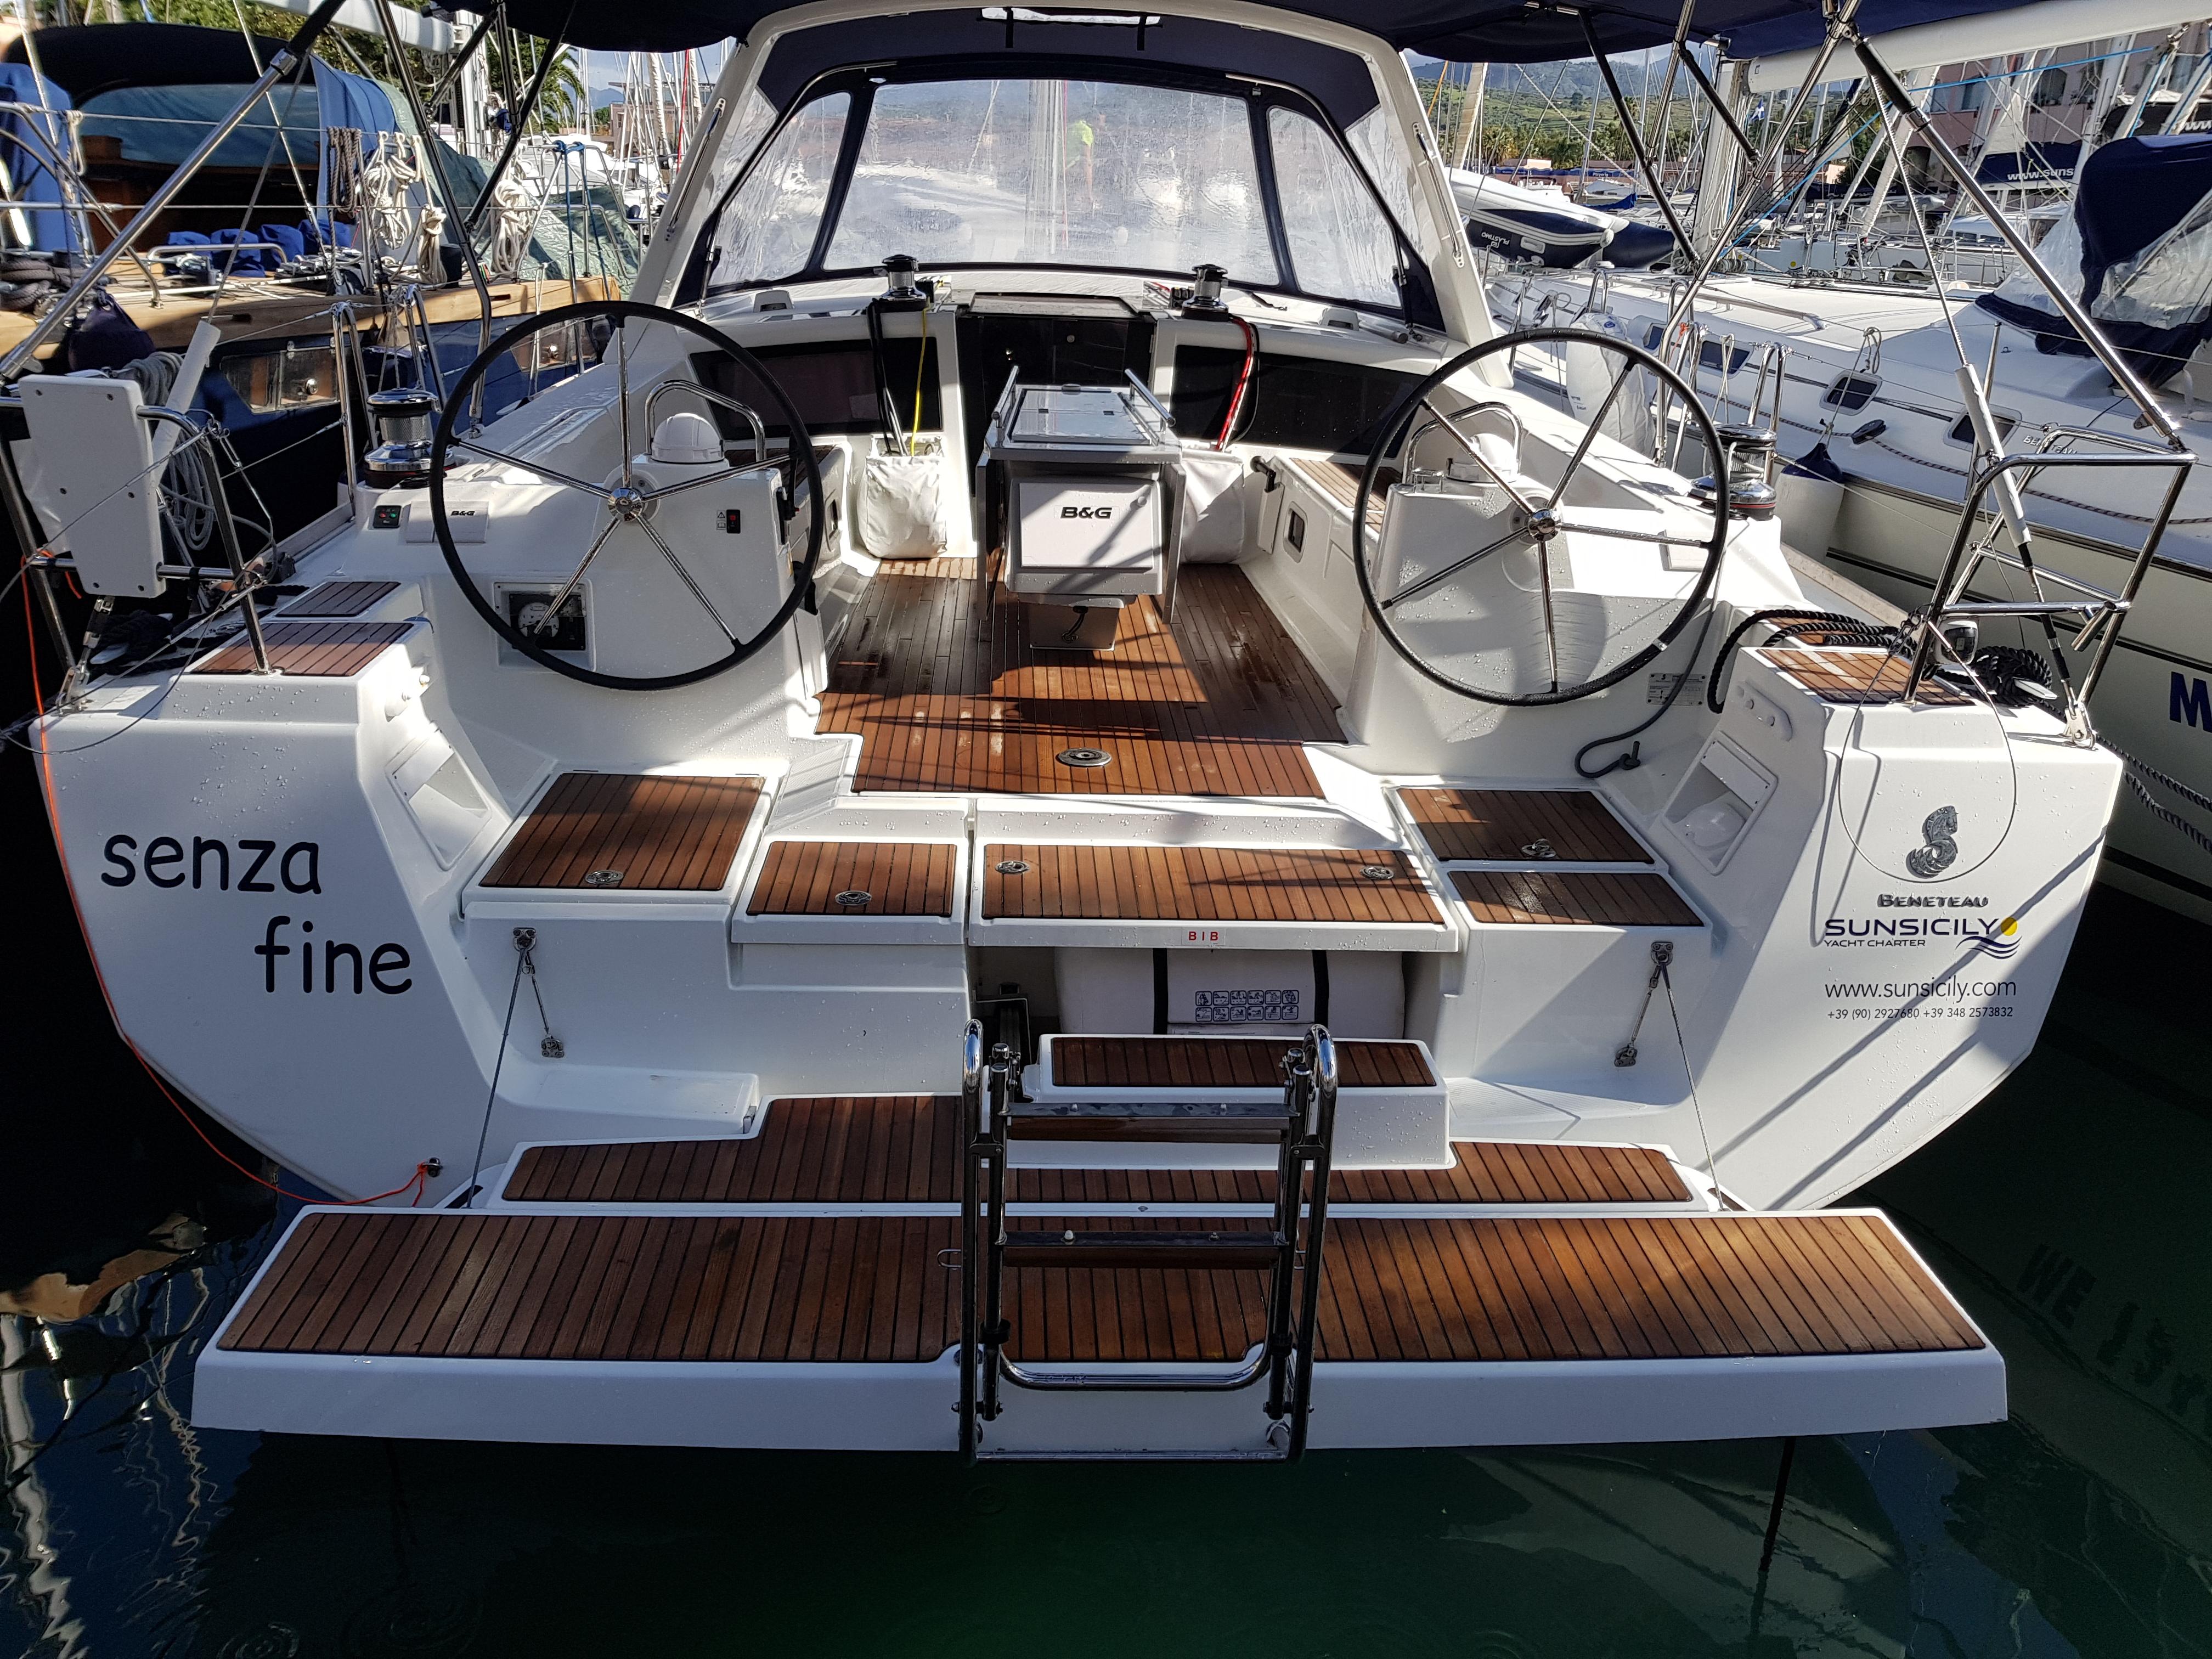 oceanis 48 Sun Sicily Yacht charte